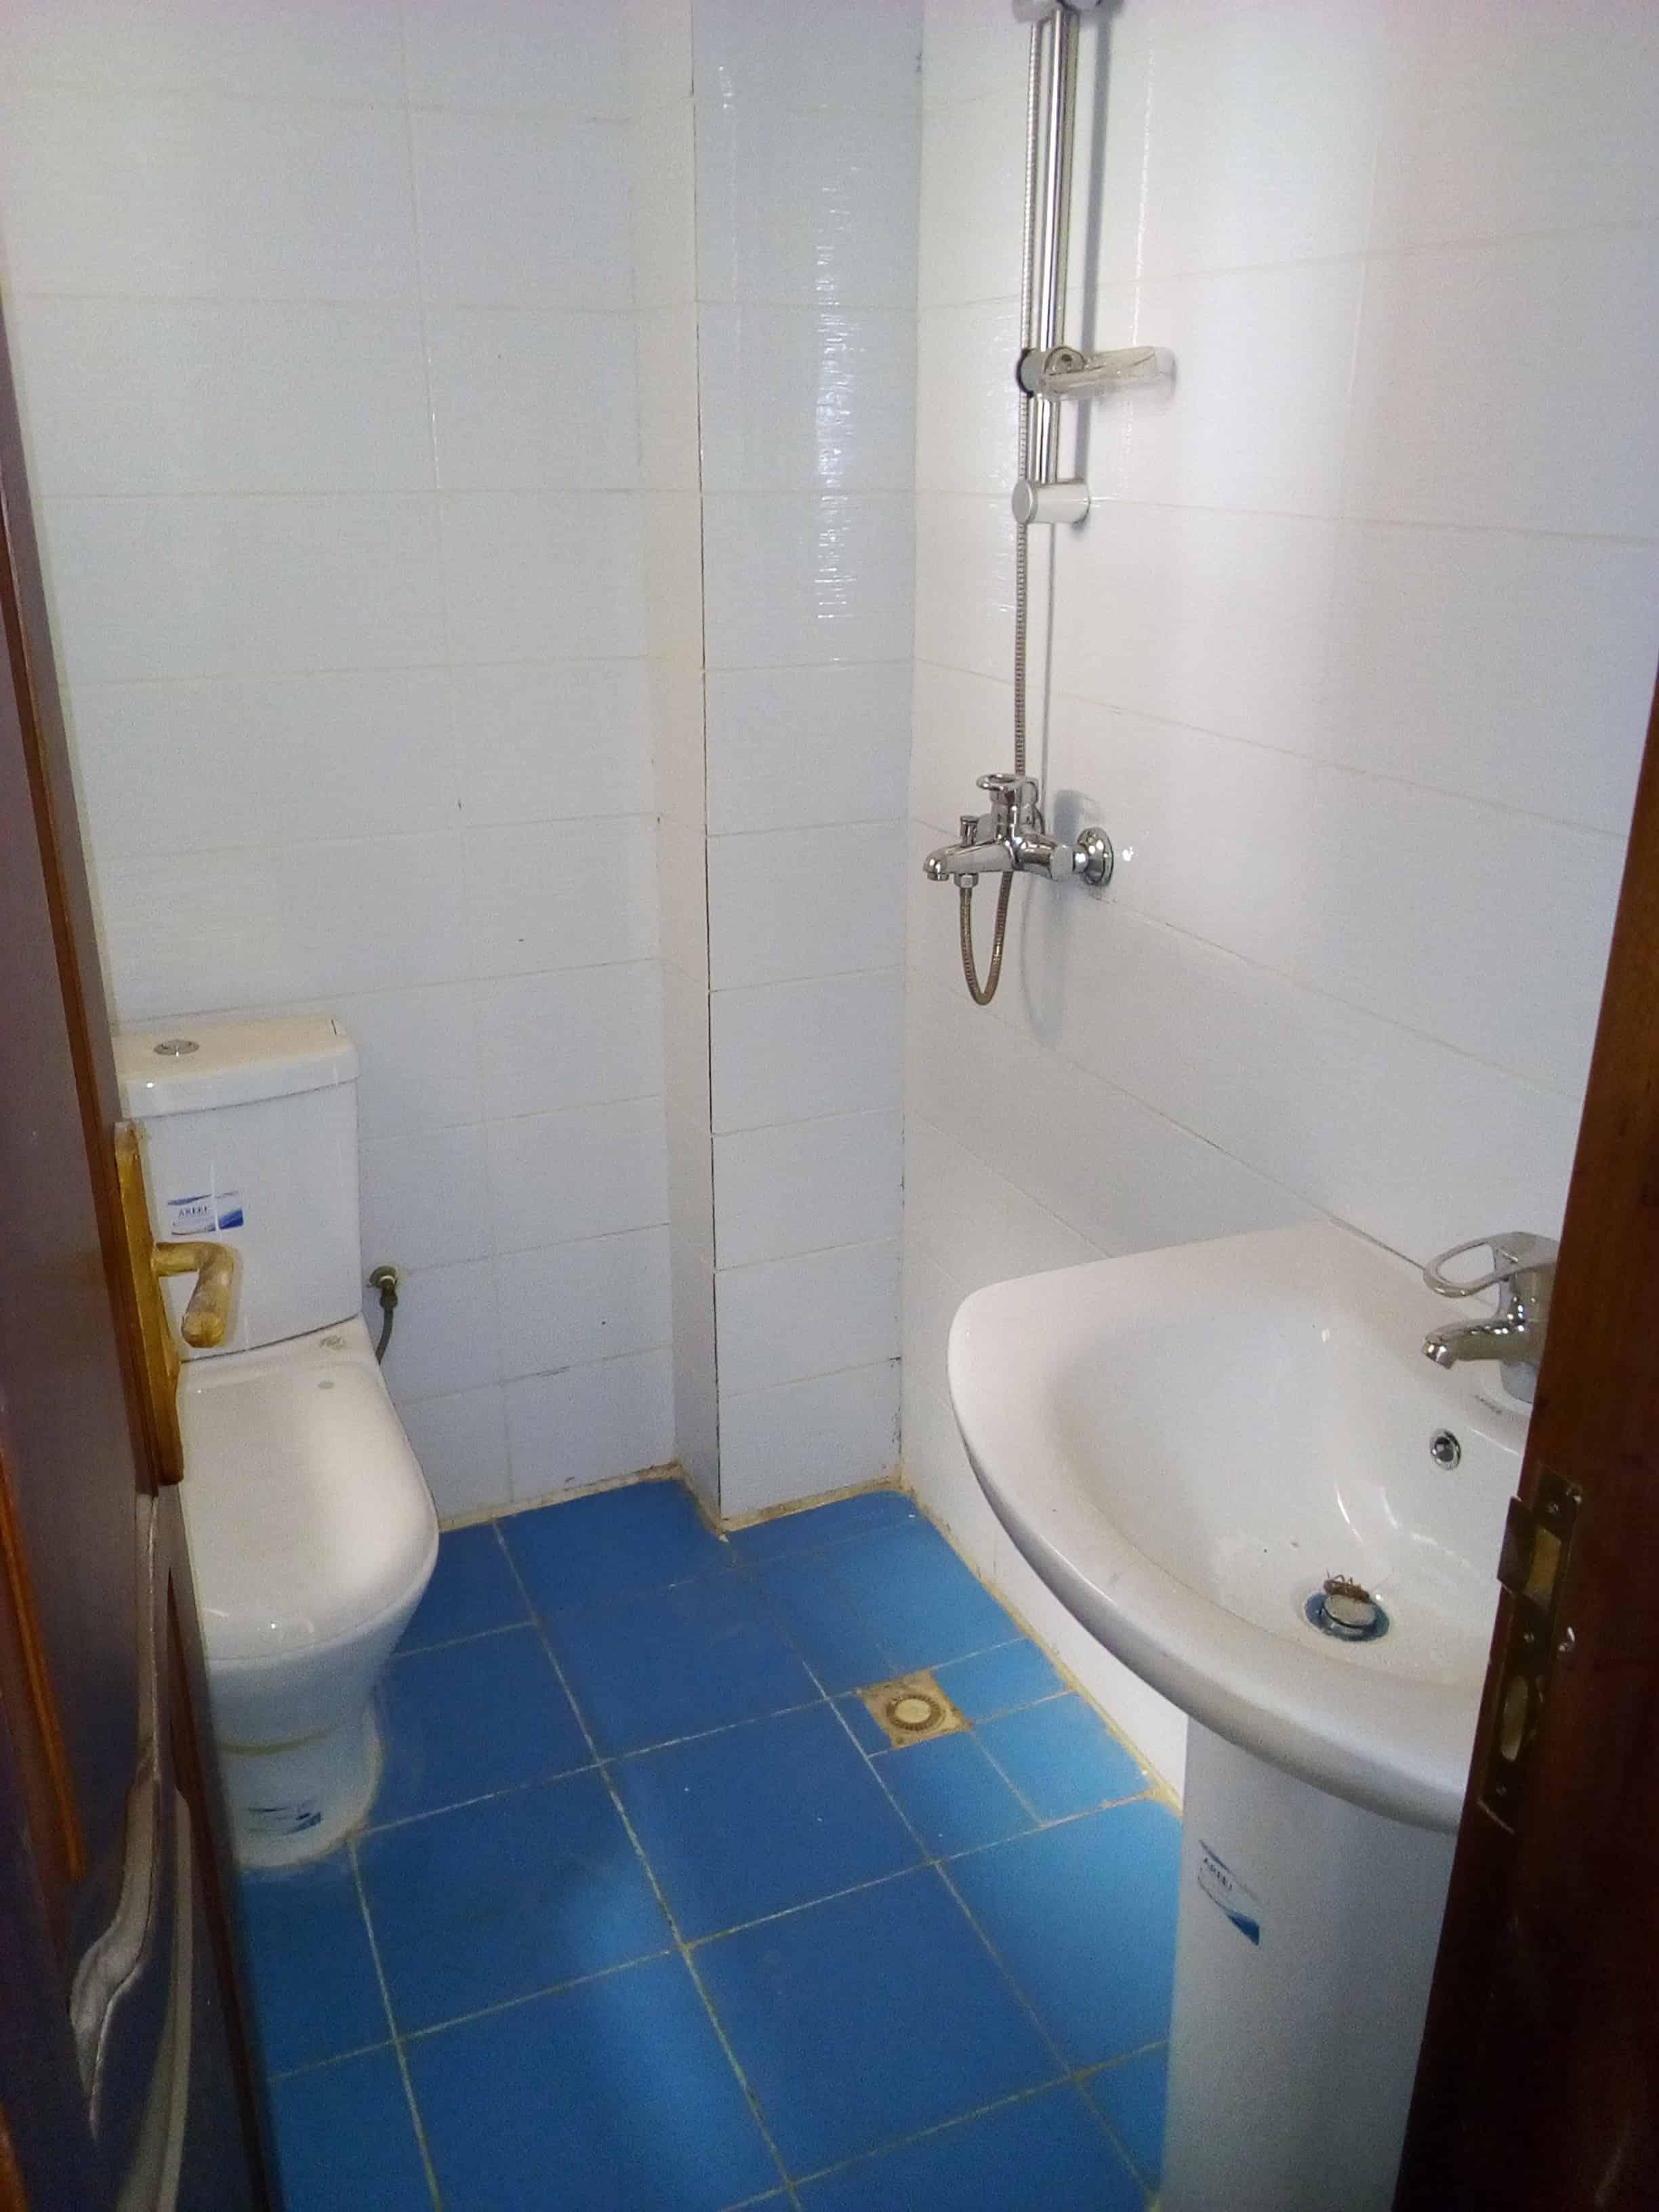 Apartment to rent - Yaoundé, Bastos, pas loin de derriere usine - 1 living room(s), 2 bedroom(s), 2 bathroom(s) - 700 000 FCFA / month